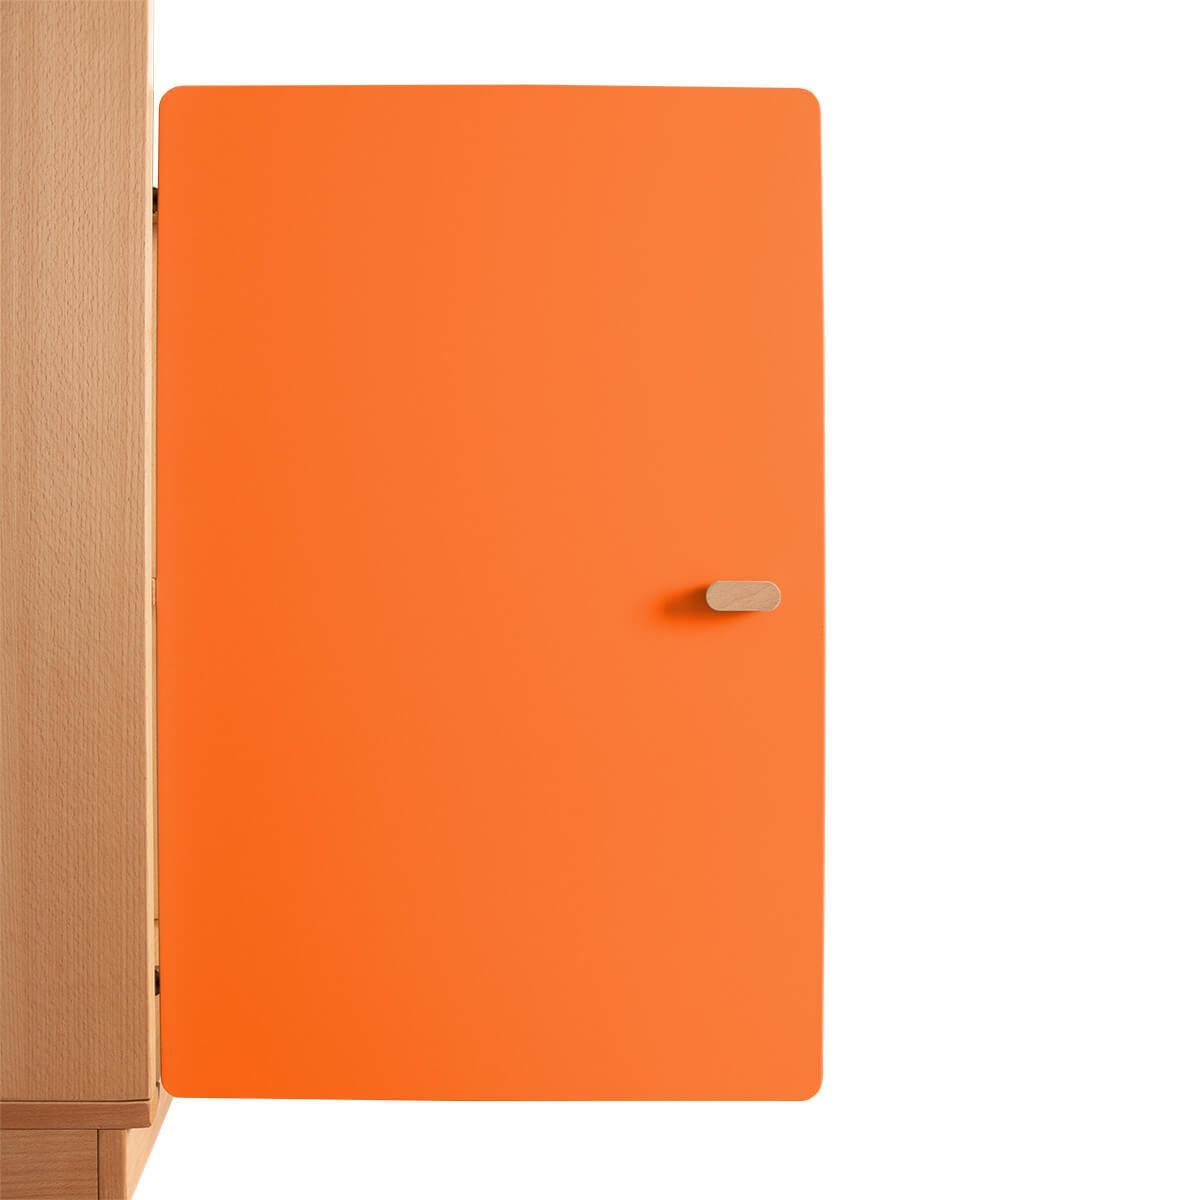 Schranktür 2/5 70cm-Griff DESTYLE de Breuyn MDF orange-lackiert